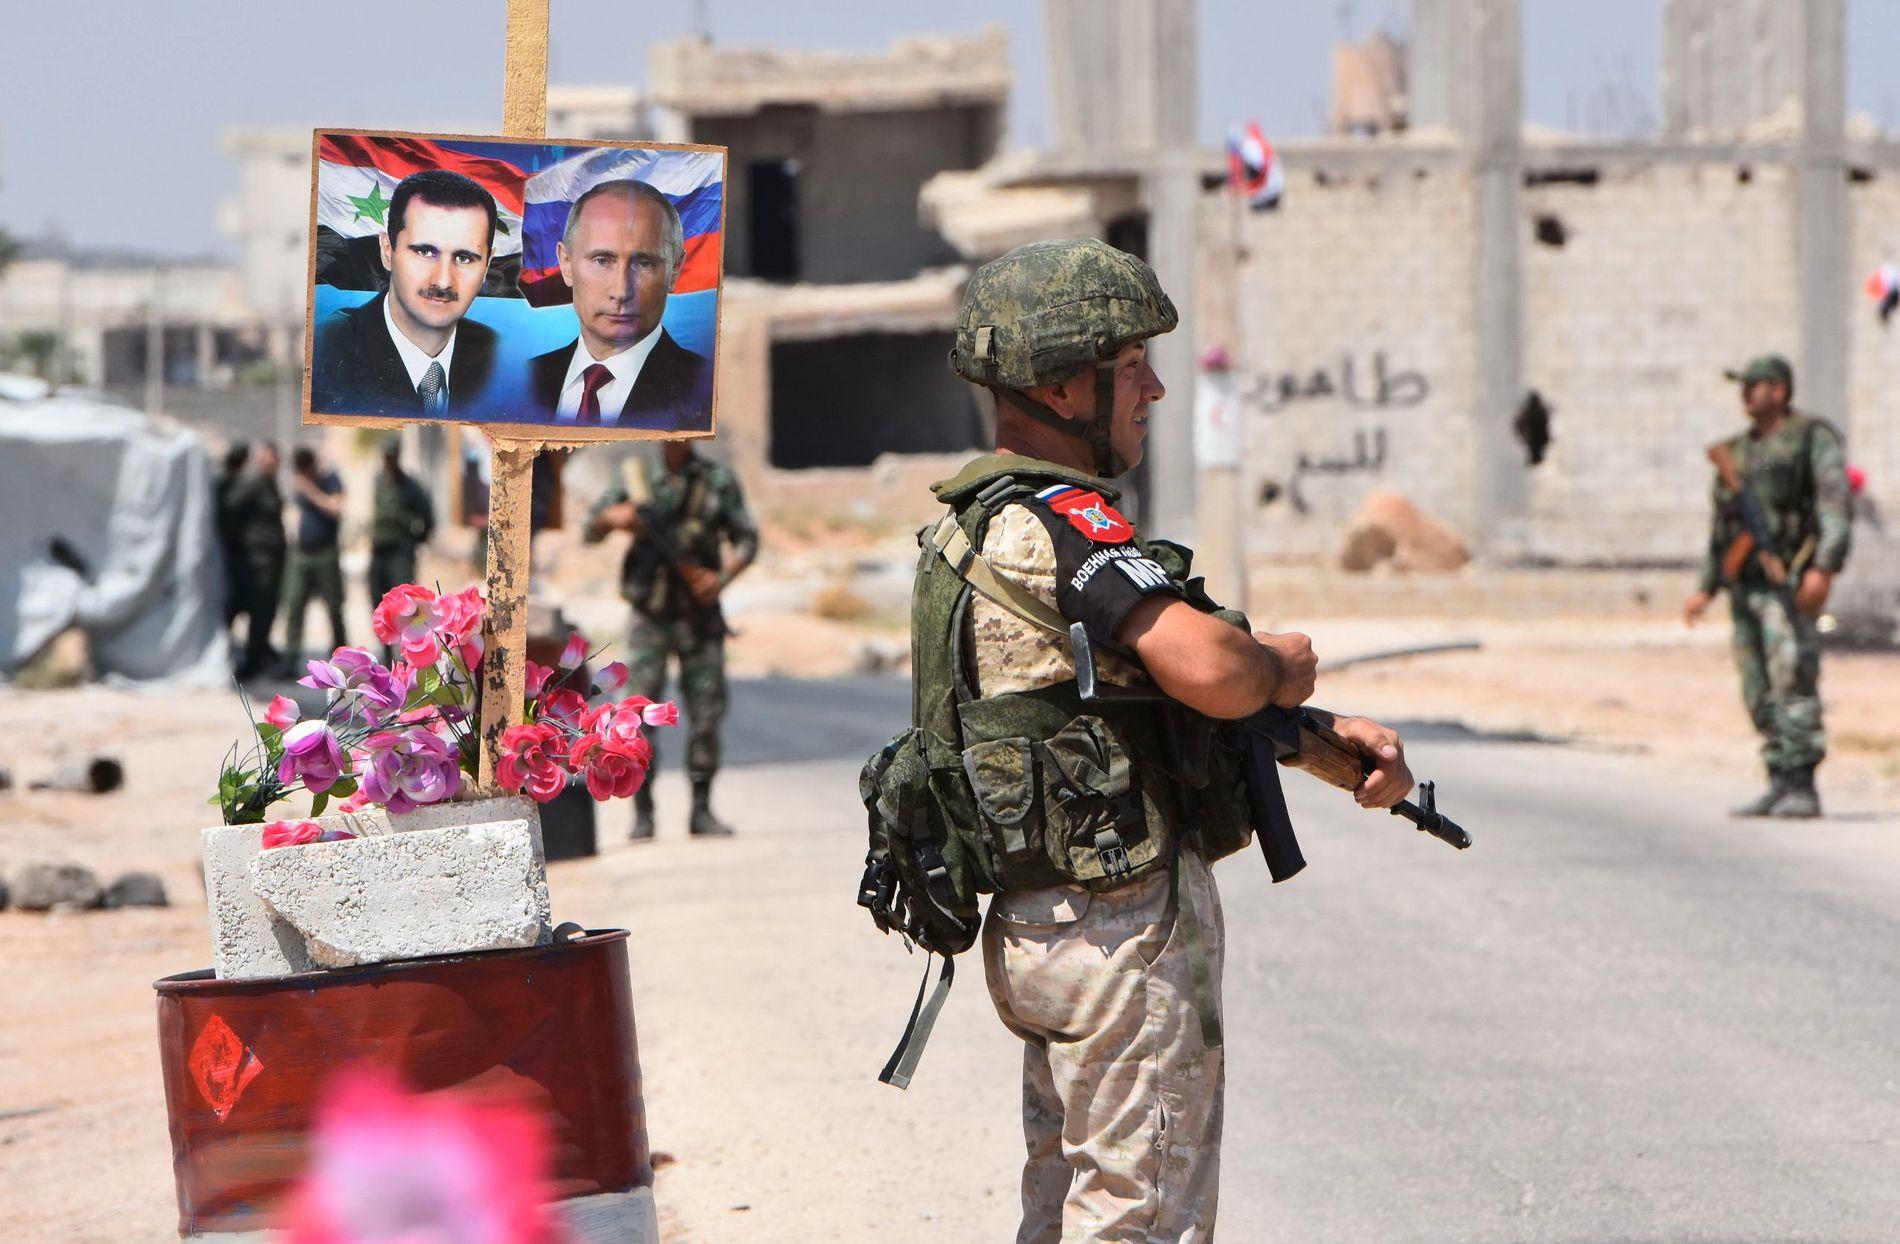 PARATE: Syriske og russiske soldater vokter en grensepassering i Abu al-Duhur i utkanten av Idlib-provinsen, med portretter av presidentene Assad og Putin ved sin side. Bildet er tatt 20. august.